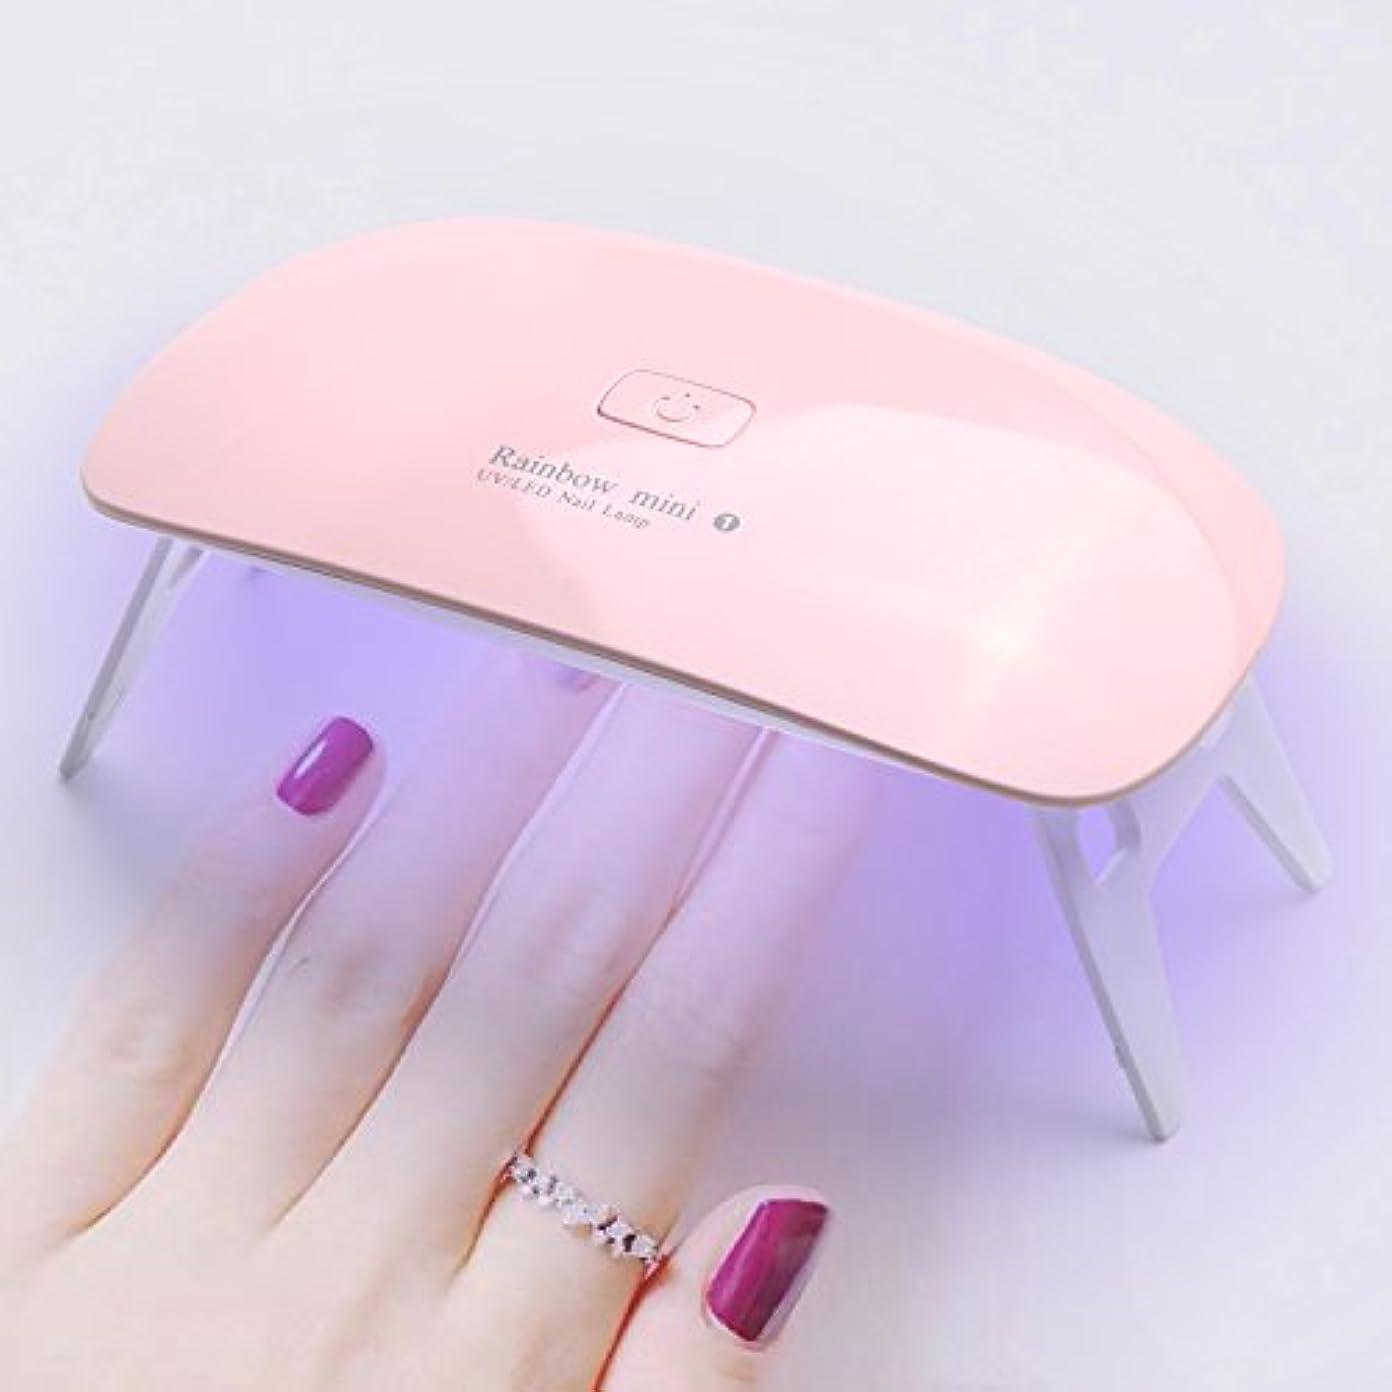 余剰他に含意LEDネイルドライヤー AmoVee UVライト タイマー設定可能 折りたたみ式 ジェルネイル用 (pink)